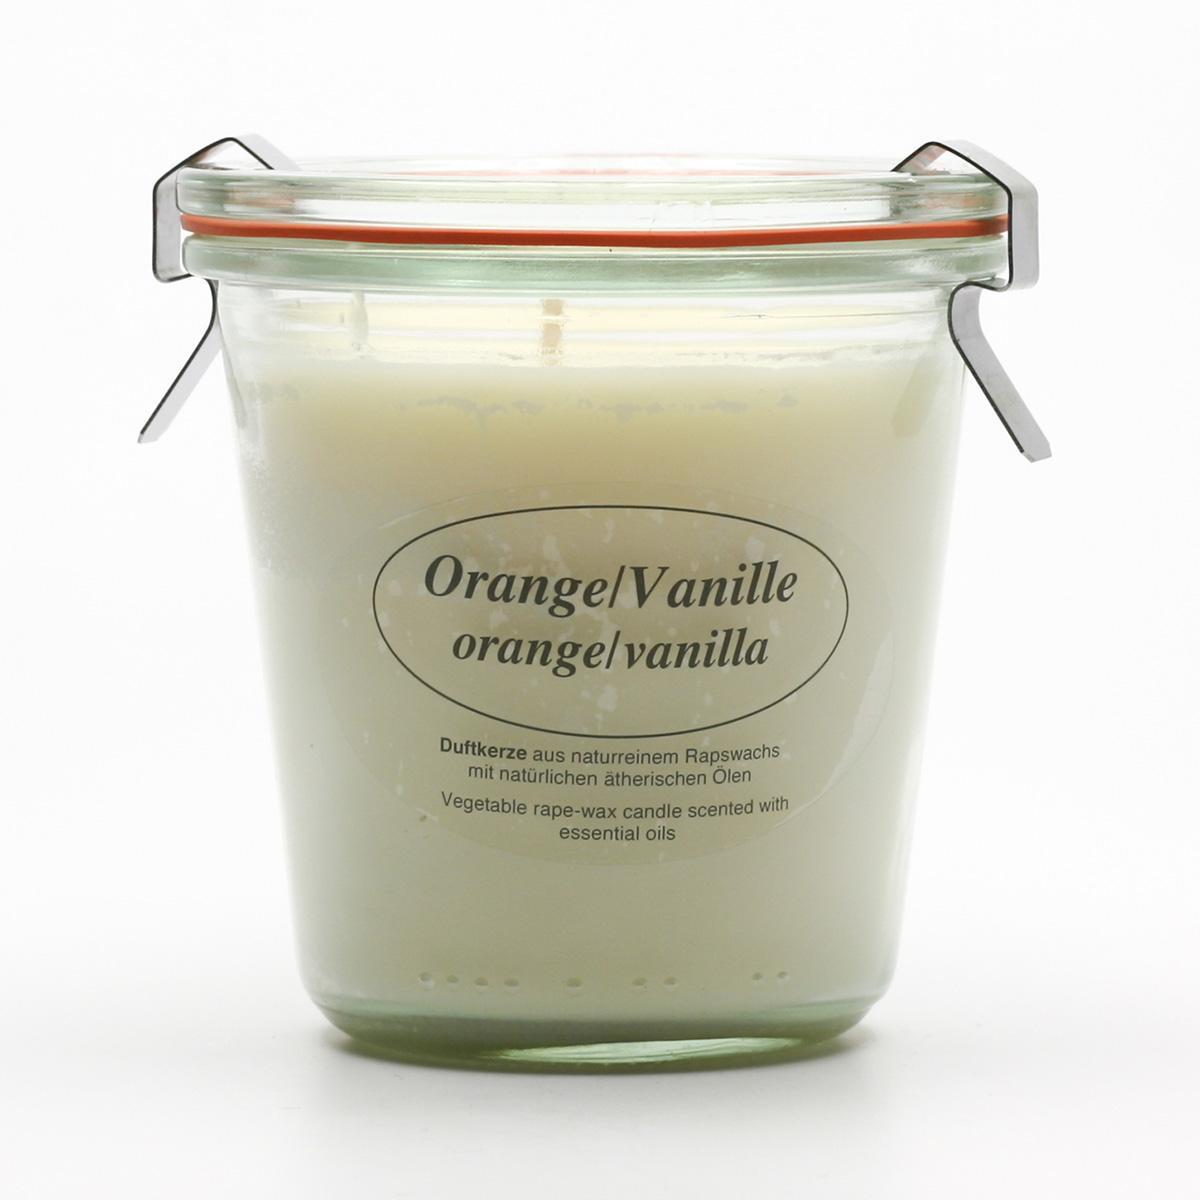 Kerzenfarm Přírodní svíčka Orange Vanilla, čiré sklo 8,7 cm